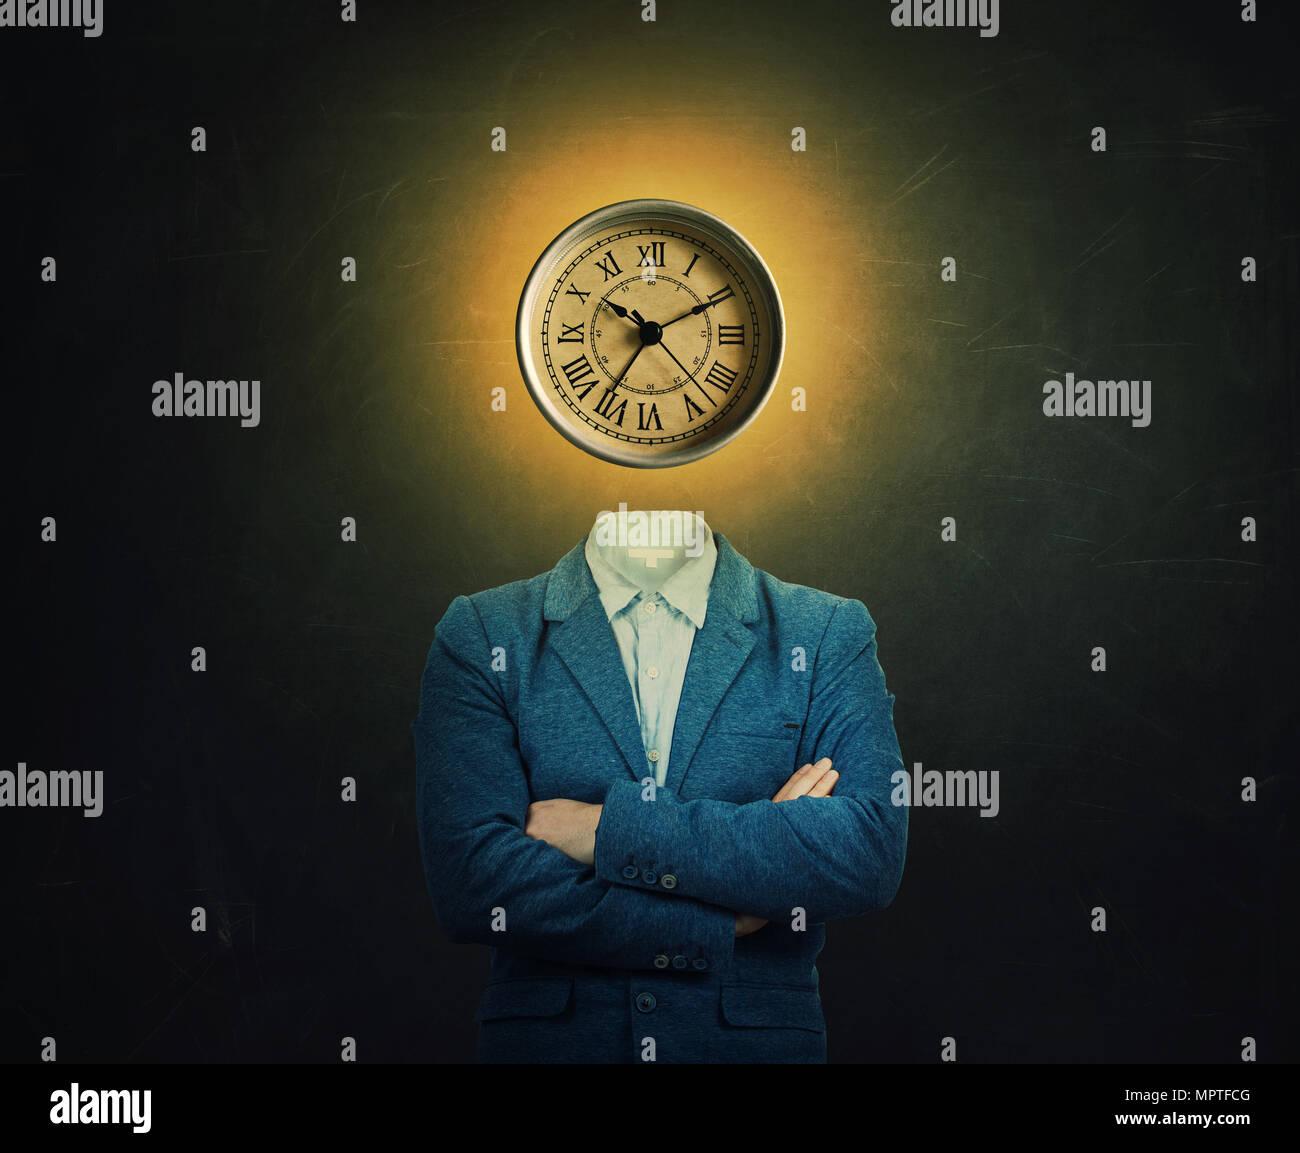 Surreale Bild einer schweren Professor mit gekreuzten Händen und eine Uhr statt seinen Kopf über schiefertafel Hintergrund. Der Begriff der Zeit in der pädagogischen Stockbild